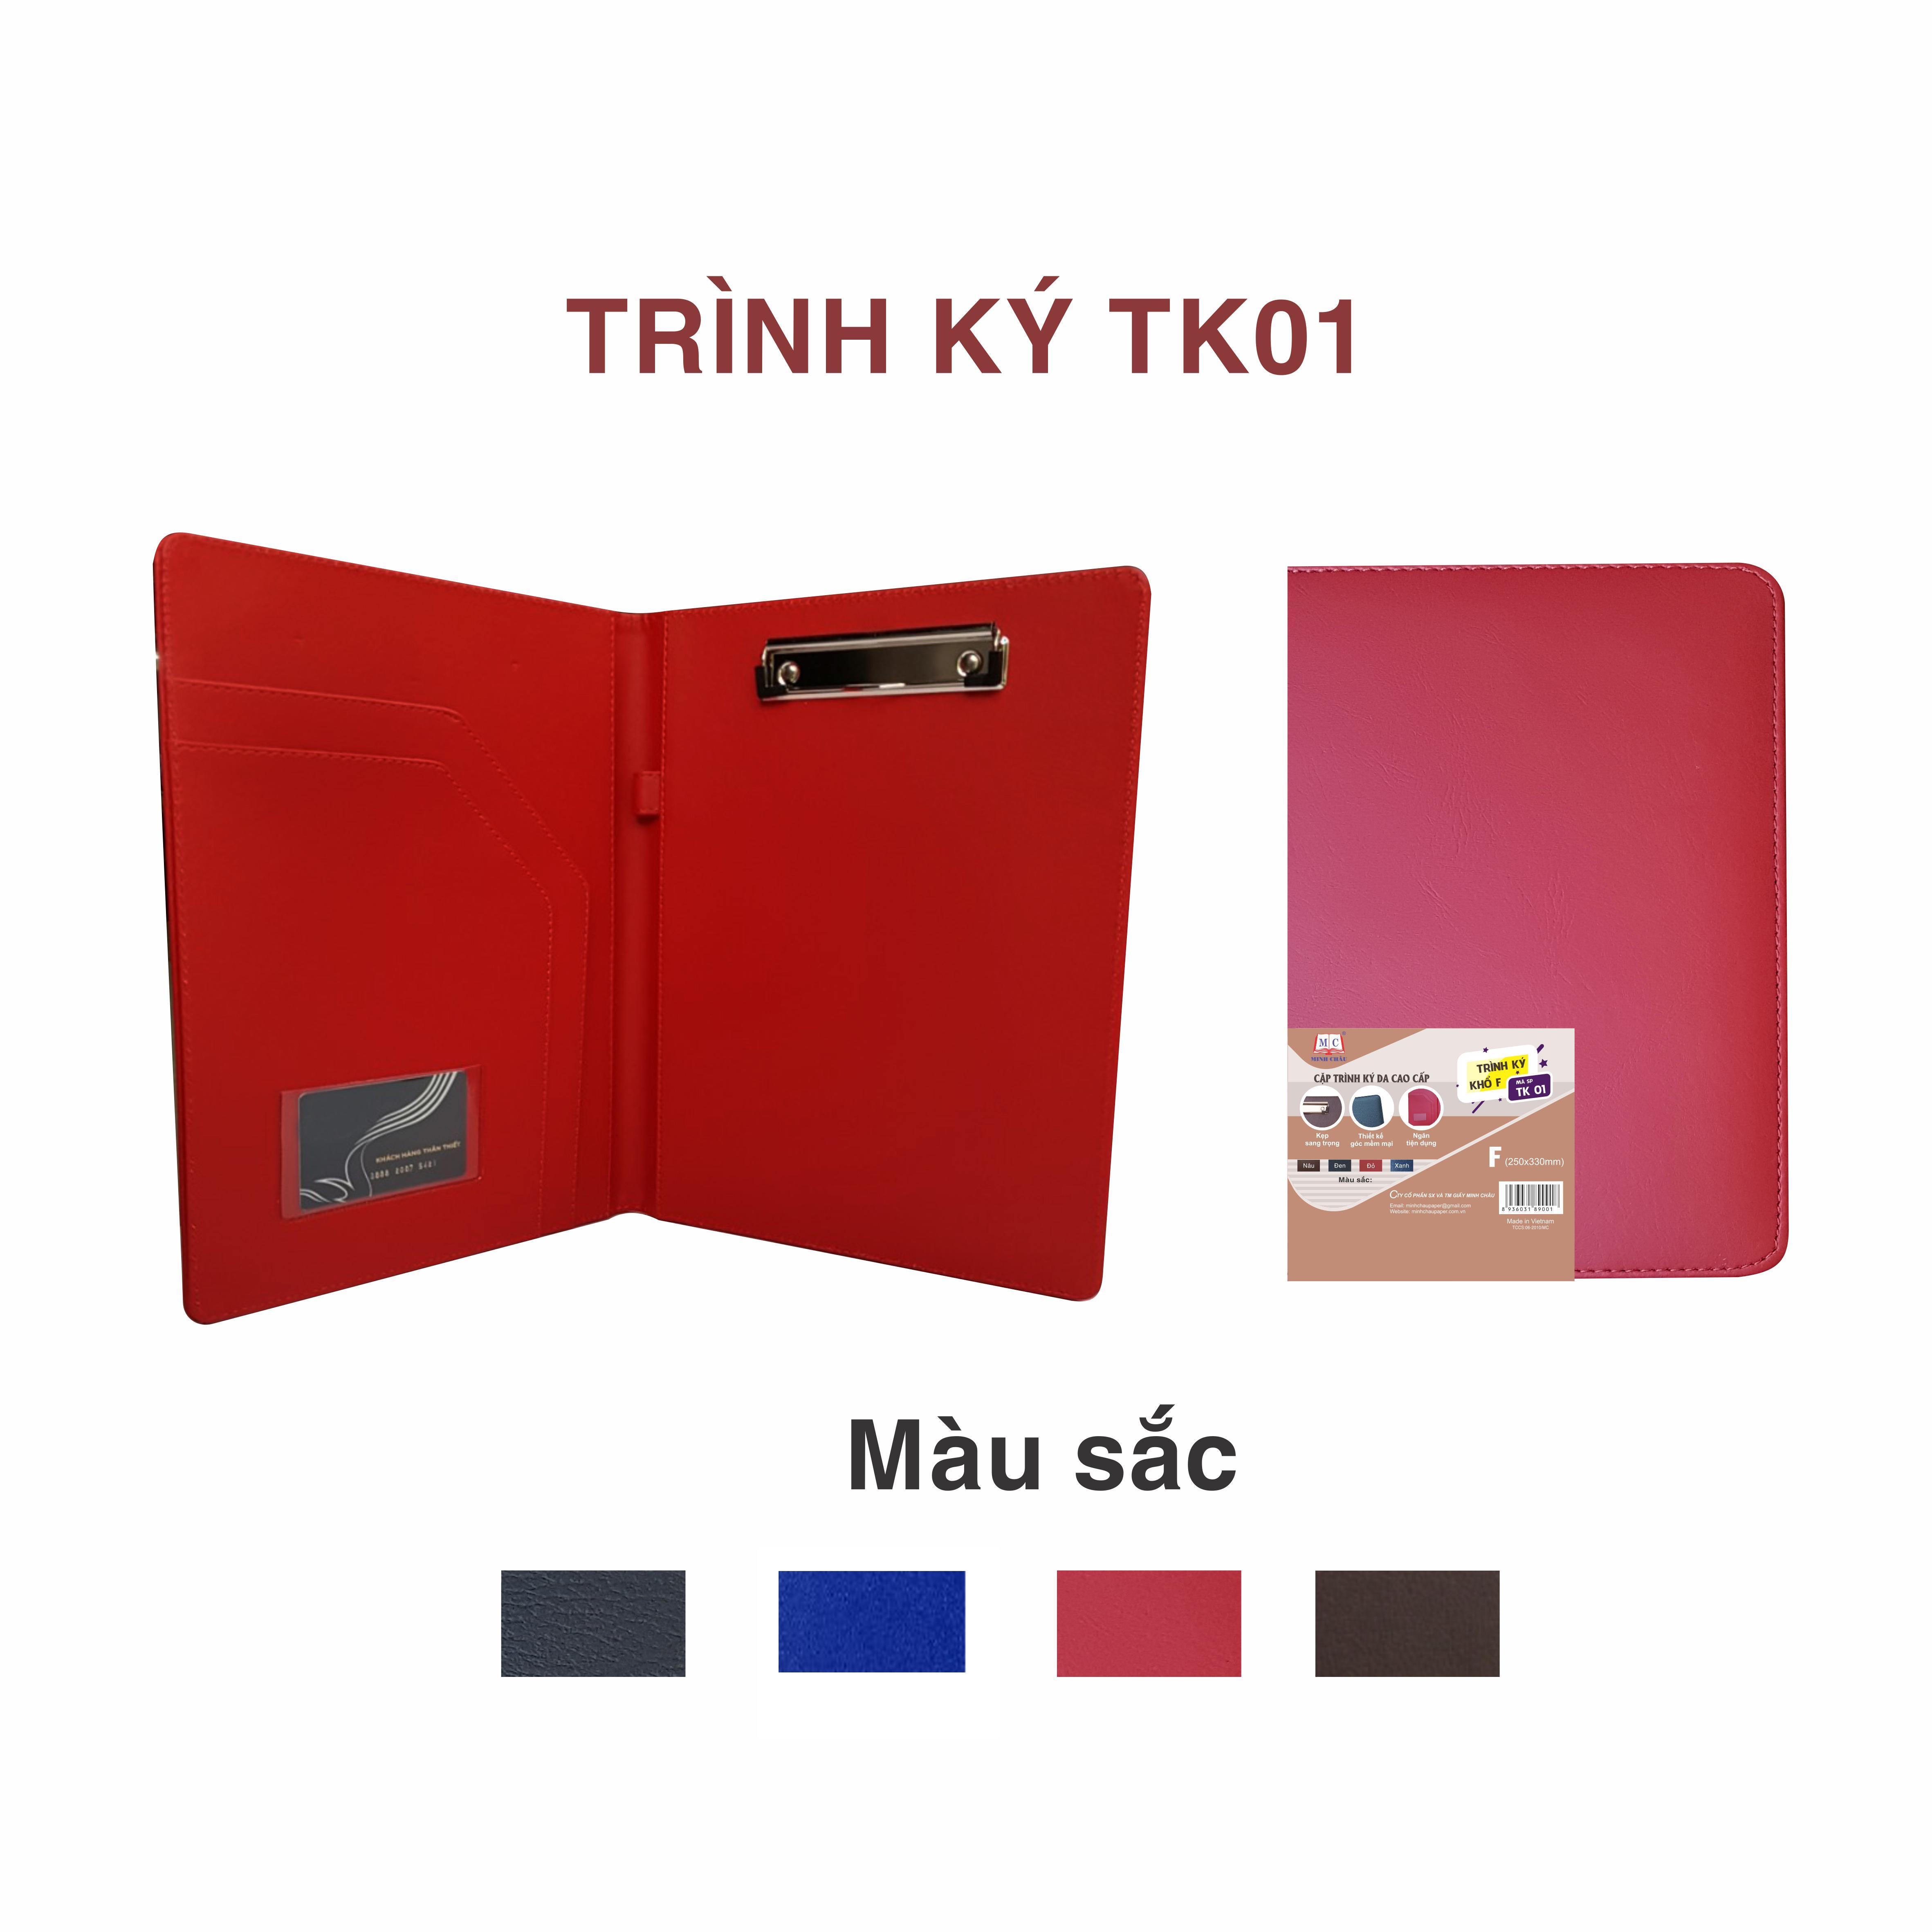 Cặp trình ký Minh Châu da cao cấp (trình ký đôi- 4 màu)